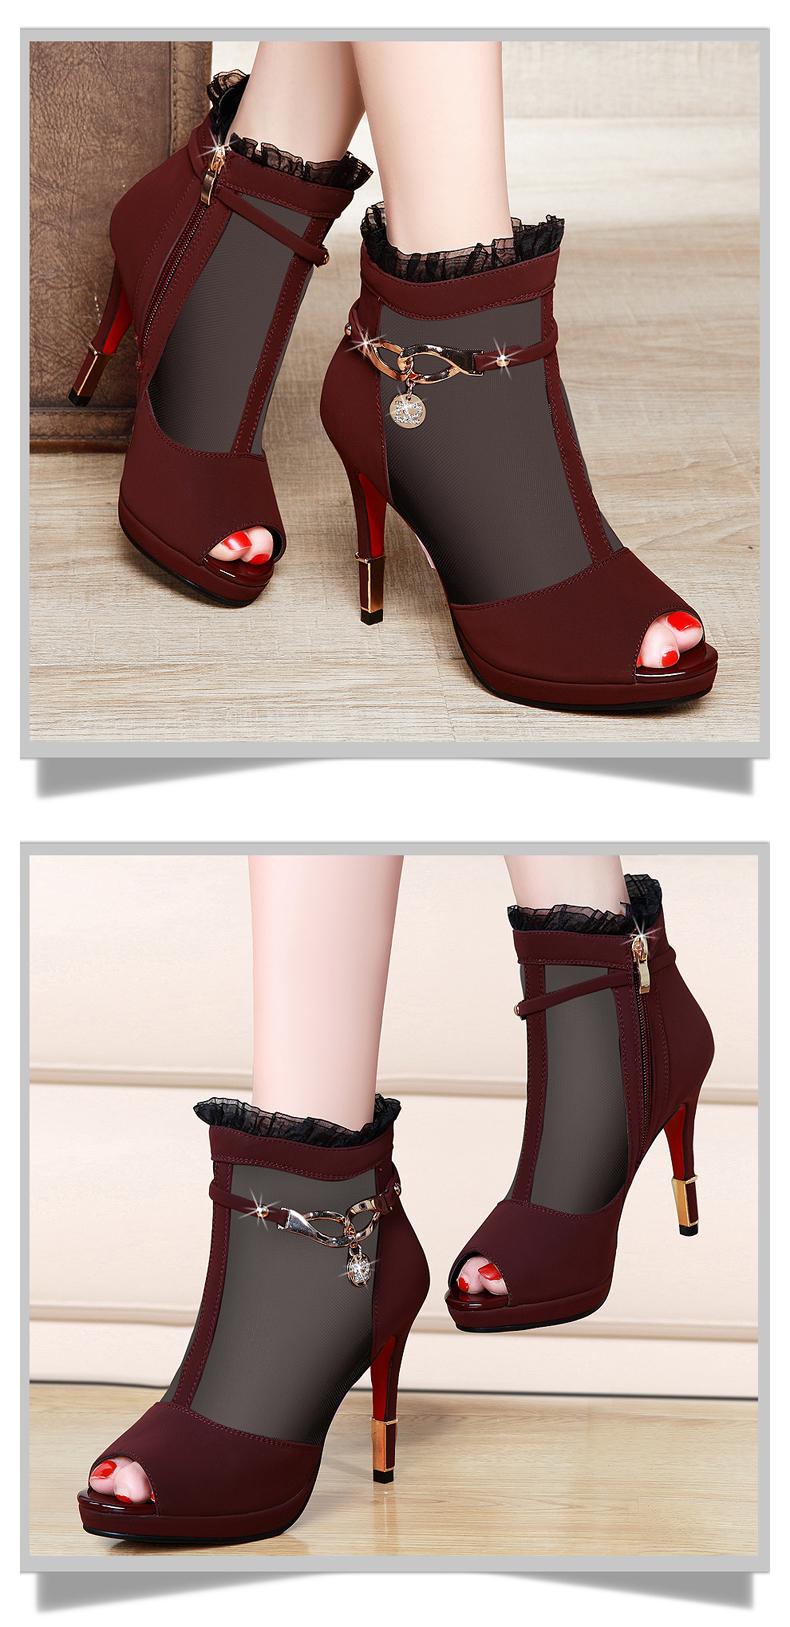 【邻家天使浪淘沙专卖店】单靴女高跟鞋细跟短靴2016.